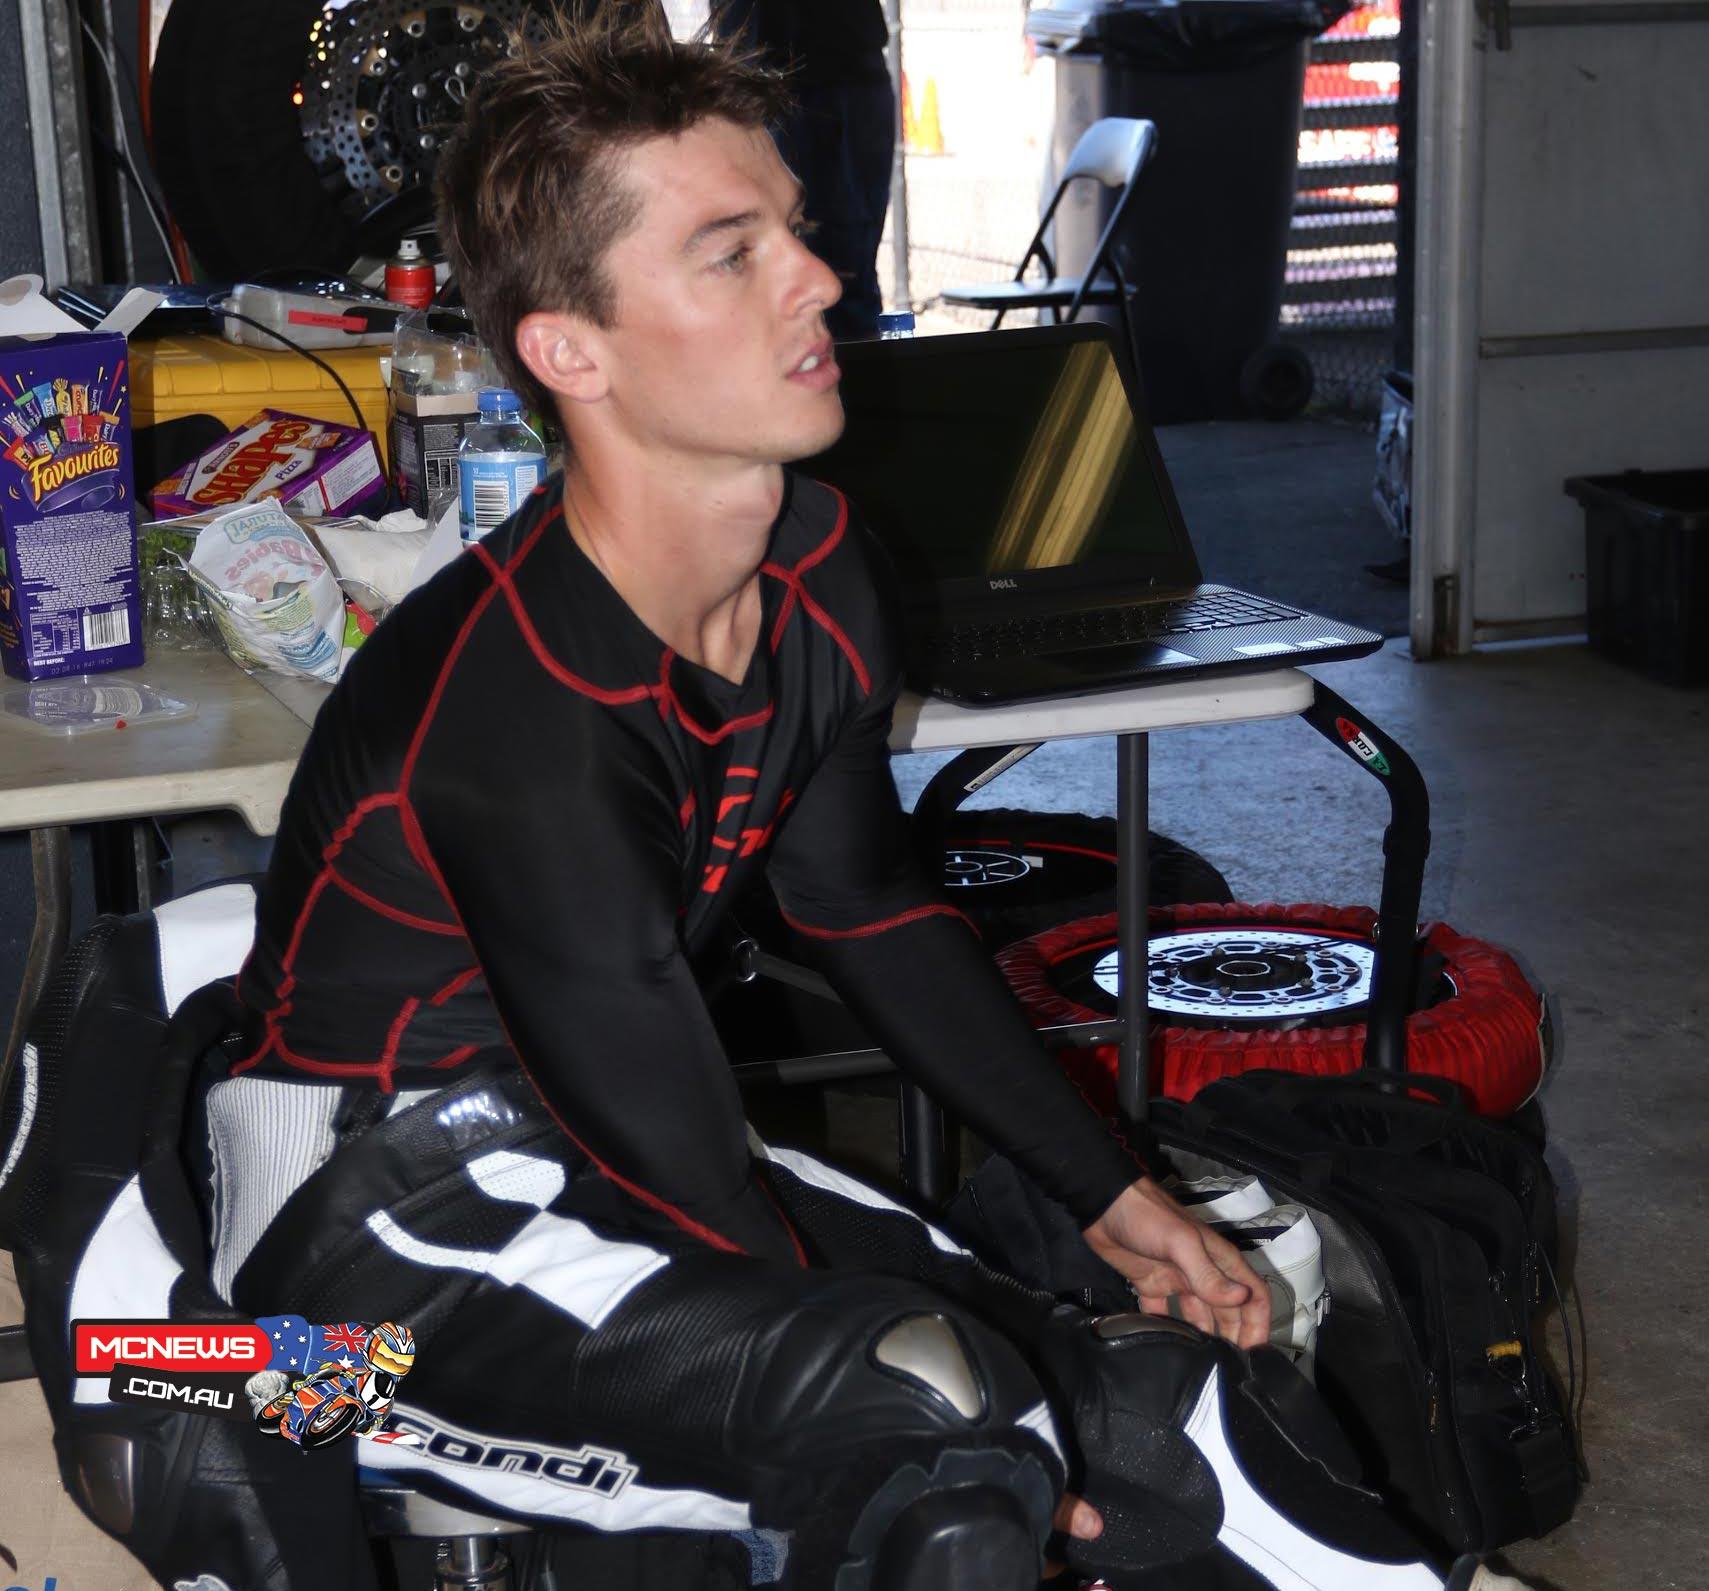 Australian Superbike Test - February 2016 - Phillip Island - Image by Mark Bracks - Glenn Scott